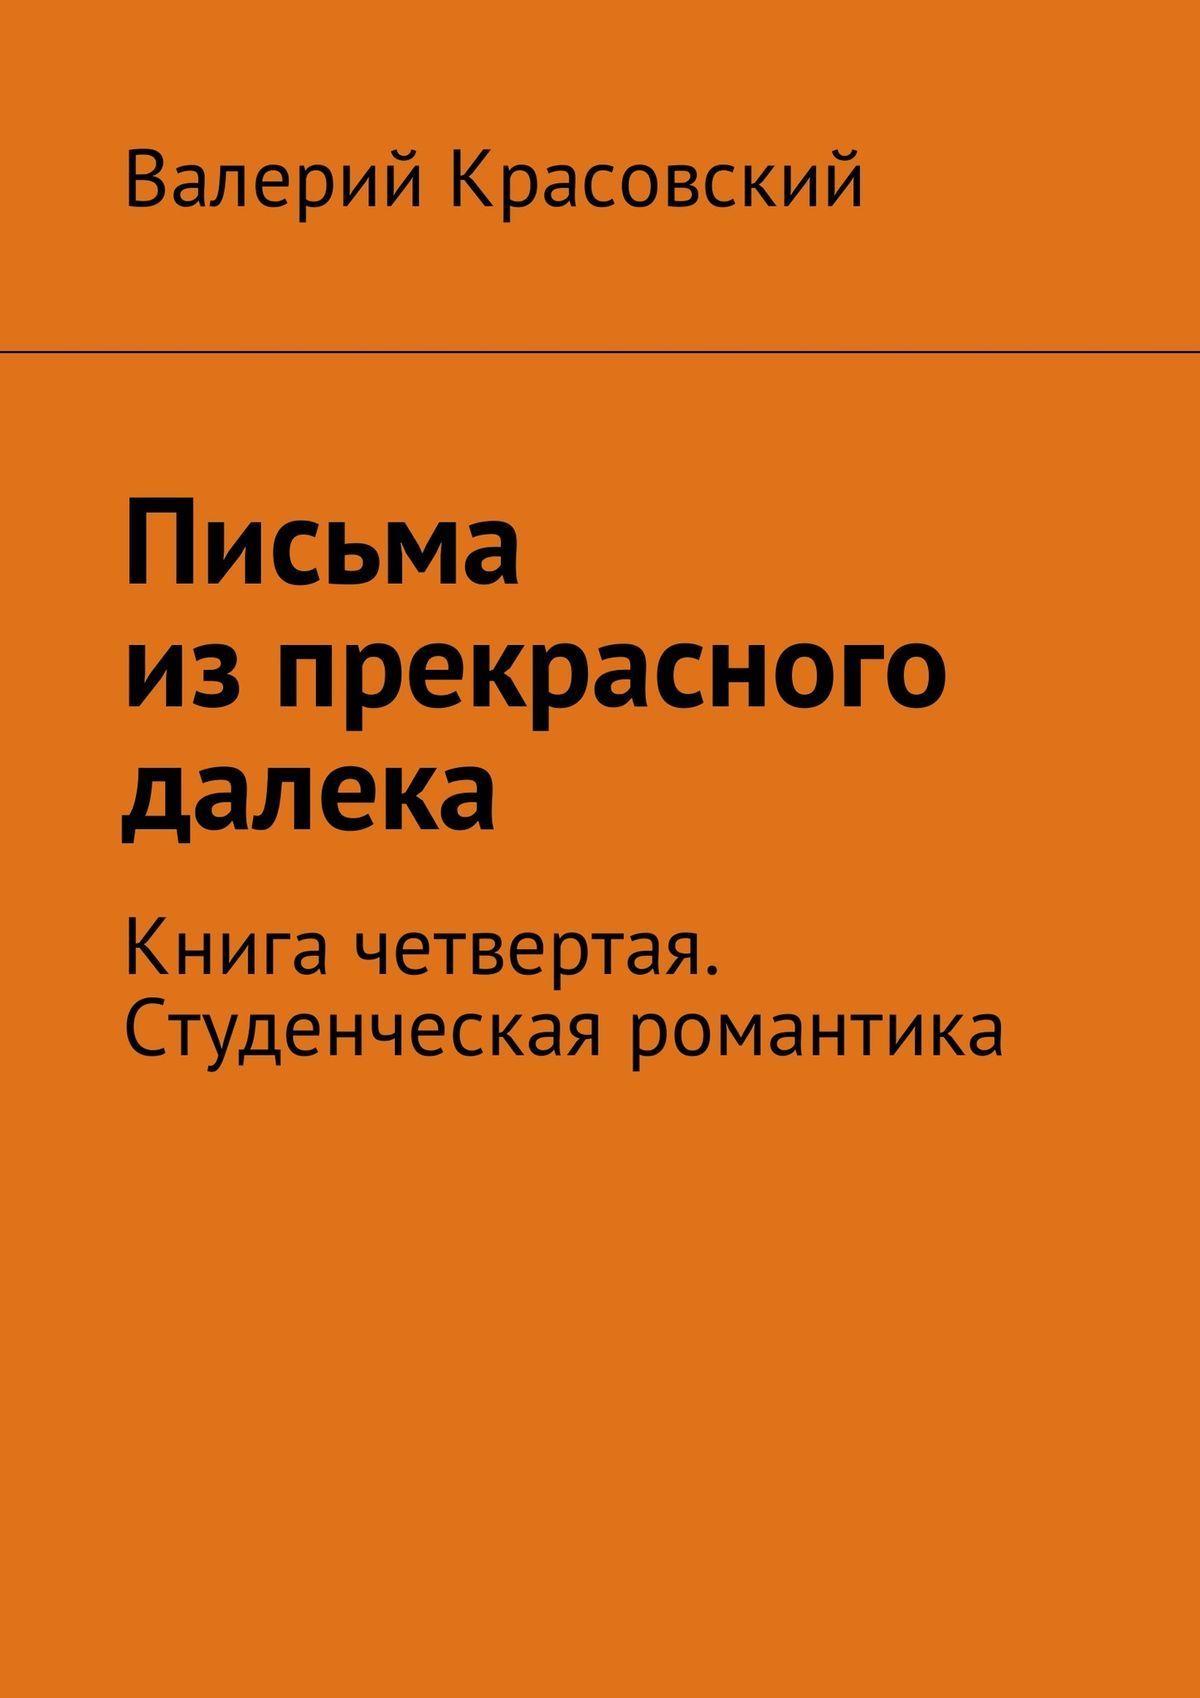 Валерий Федорович Красовский Письма изпрекрасного далека. Книга четвертая. Студенческая романтика